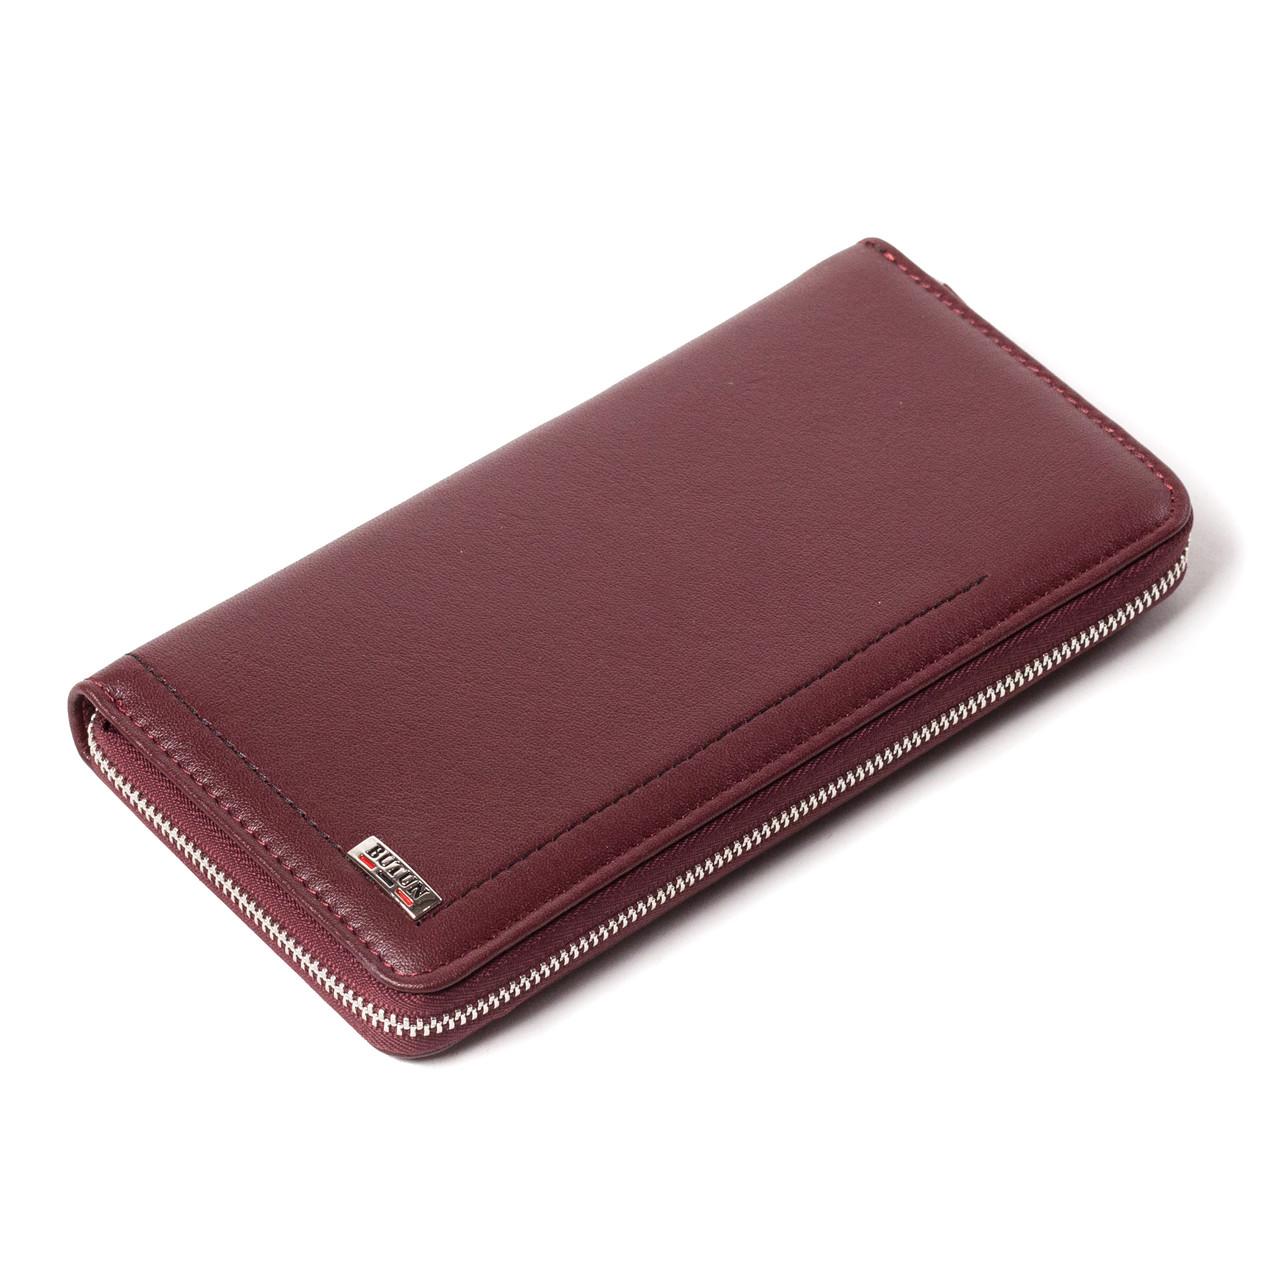 Женский кошелек чехол для телефона бордовый BUTUN 623-004-002